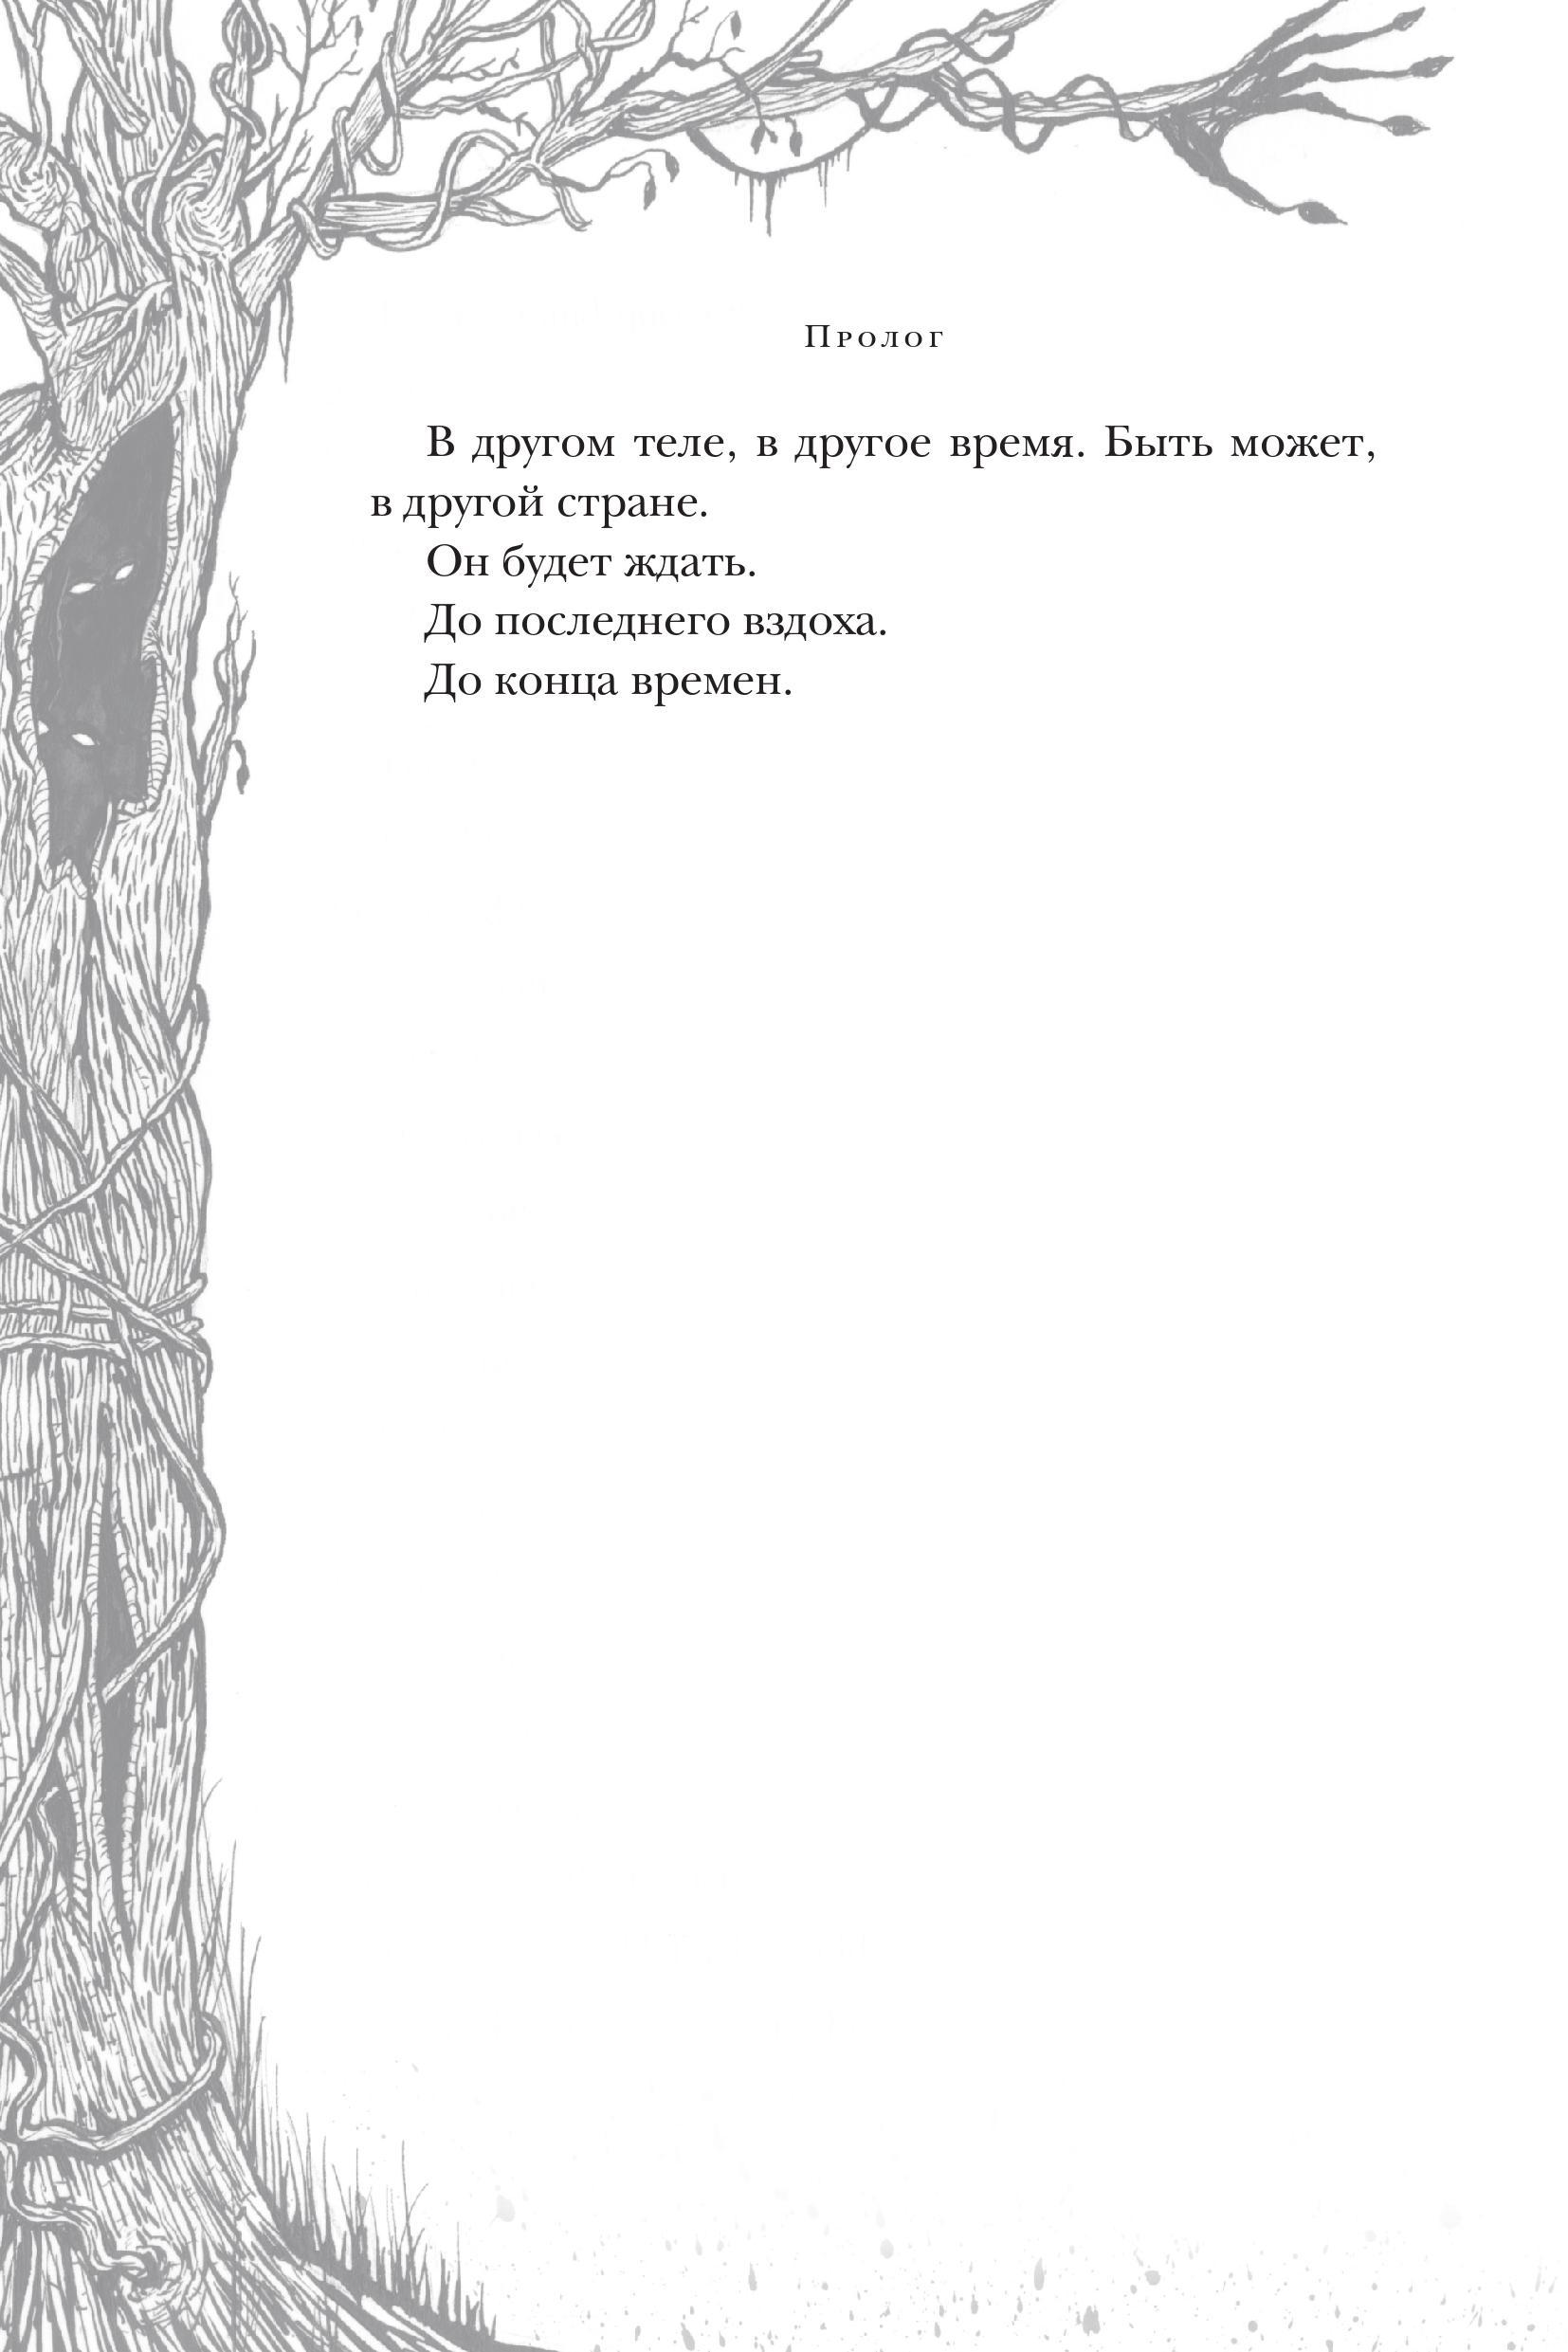 Мрачная сказка: отрывок из книги Гильермо Дель Торо и Корнелии Функе «Лабиринт Фавна» 2